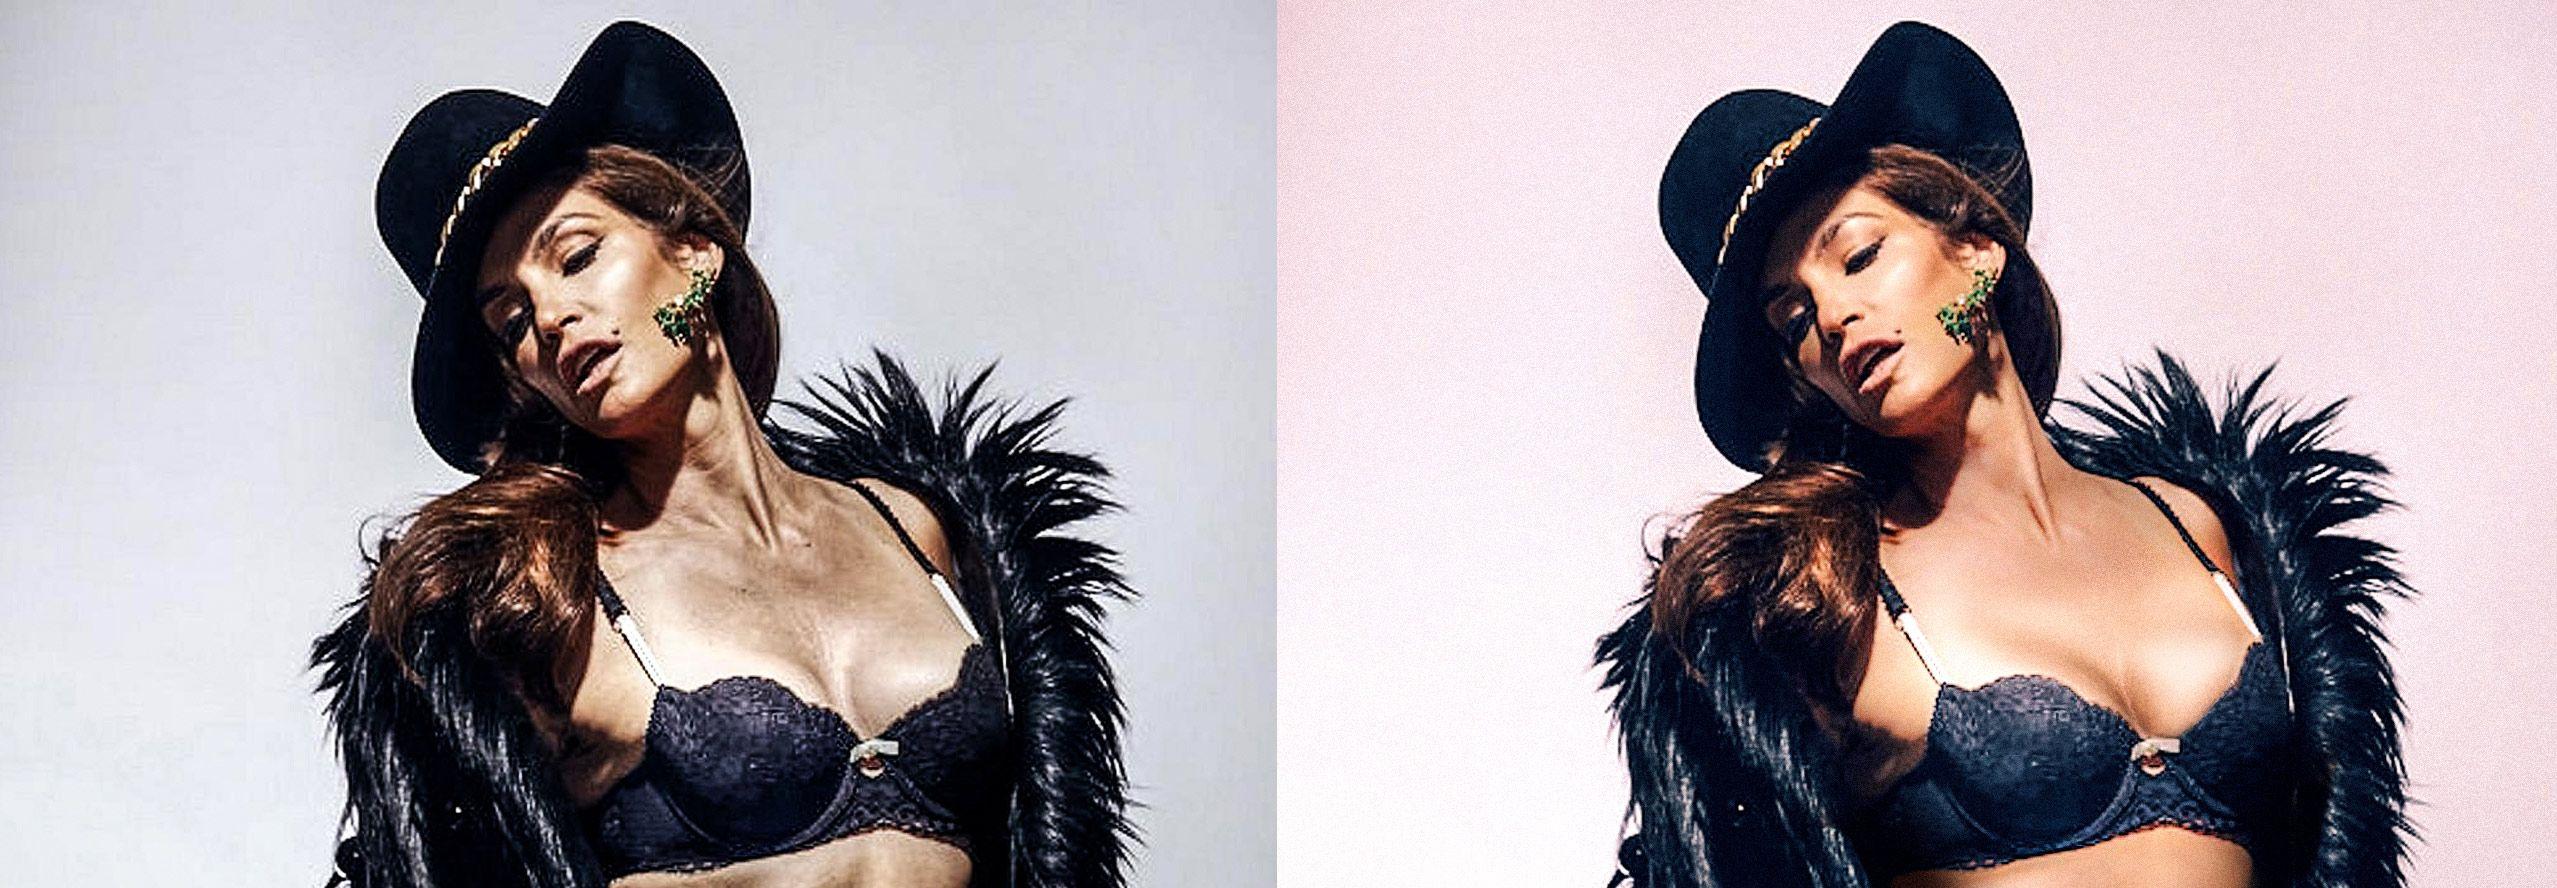 48 ans et non retouchée : cette photo de l'ancien mannequin Cindy Crawford fait parler